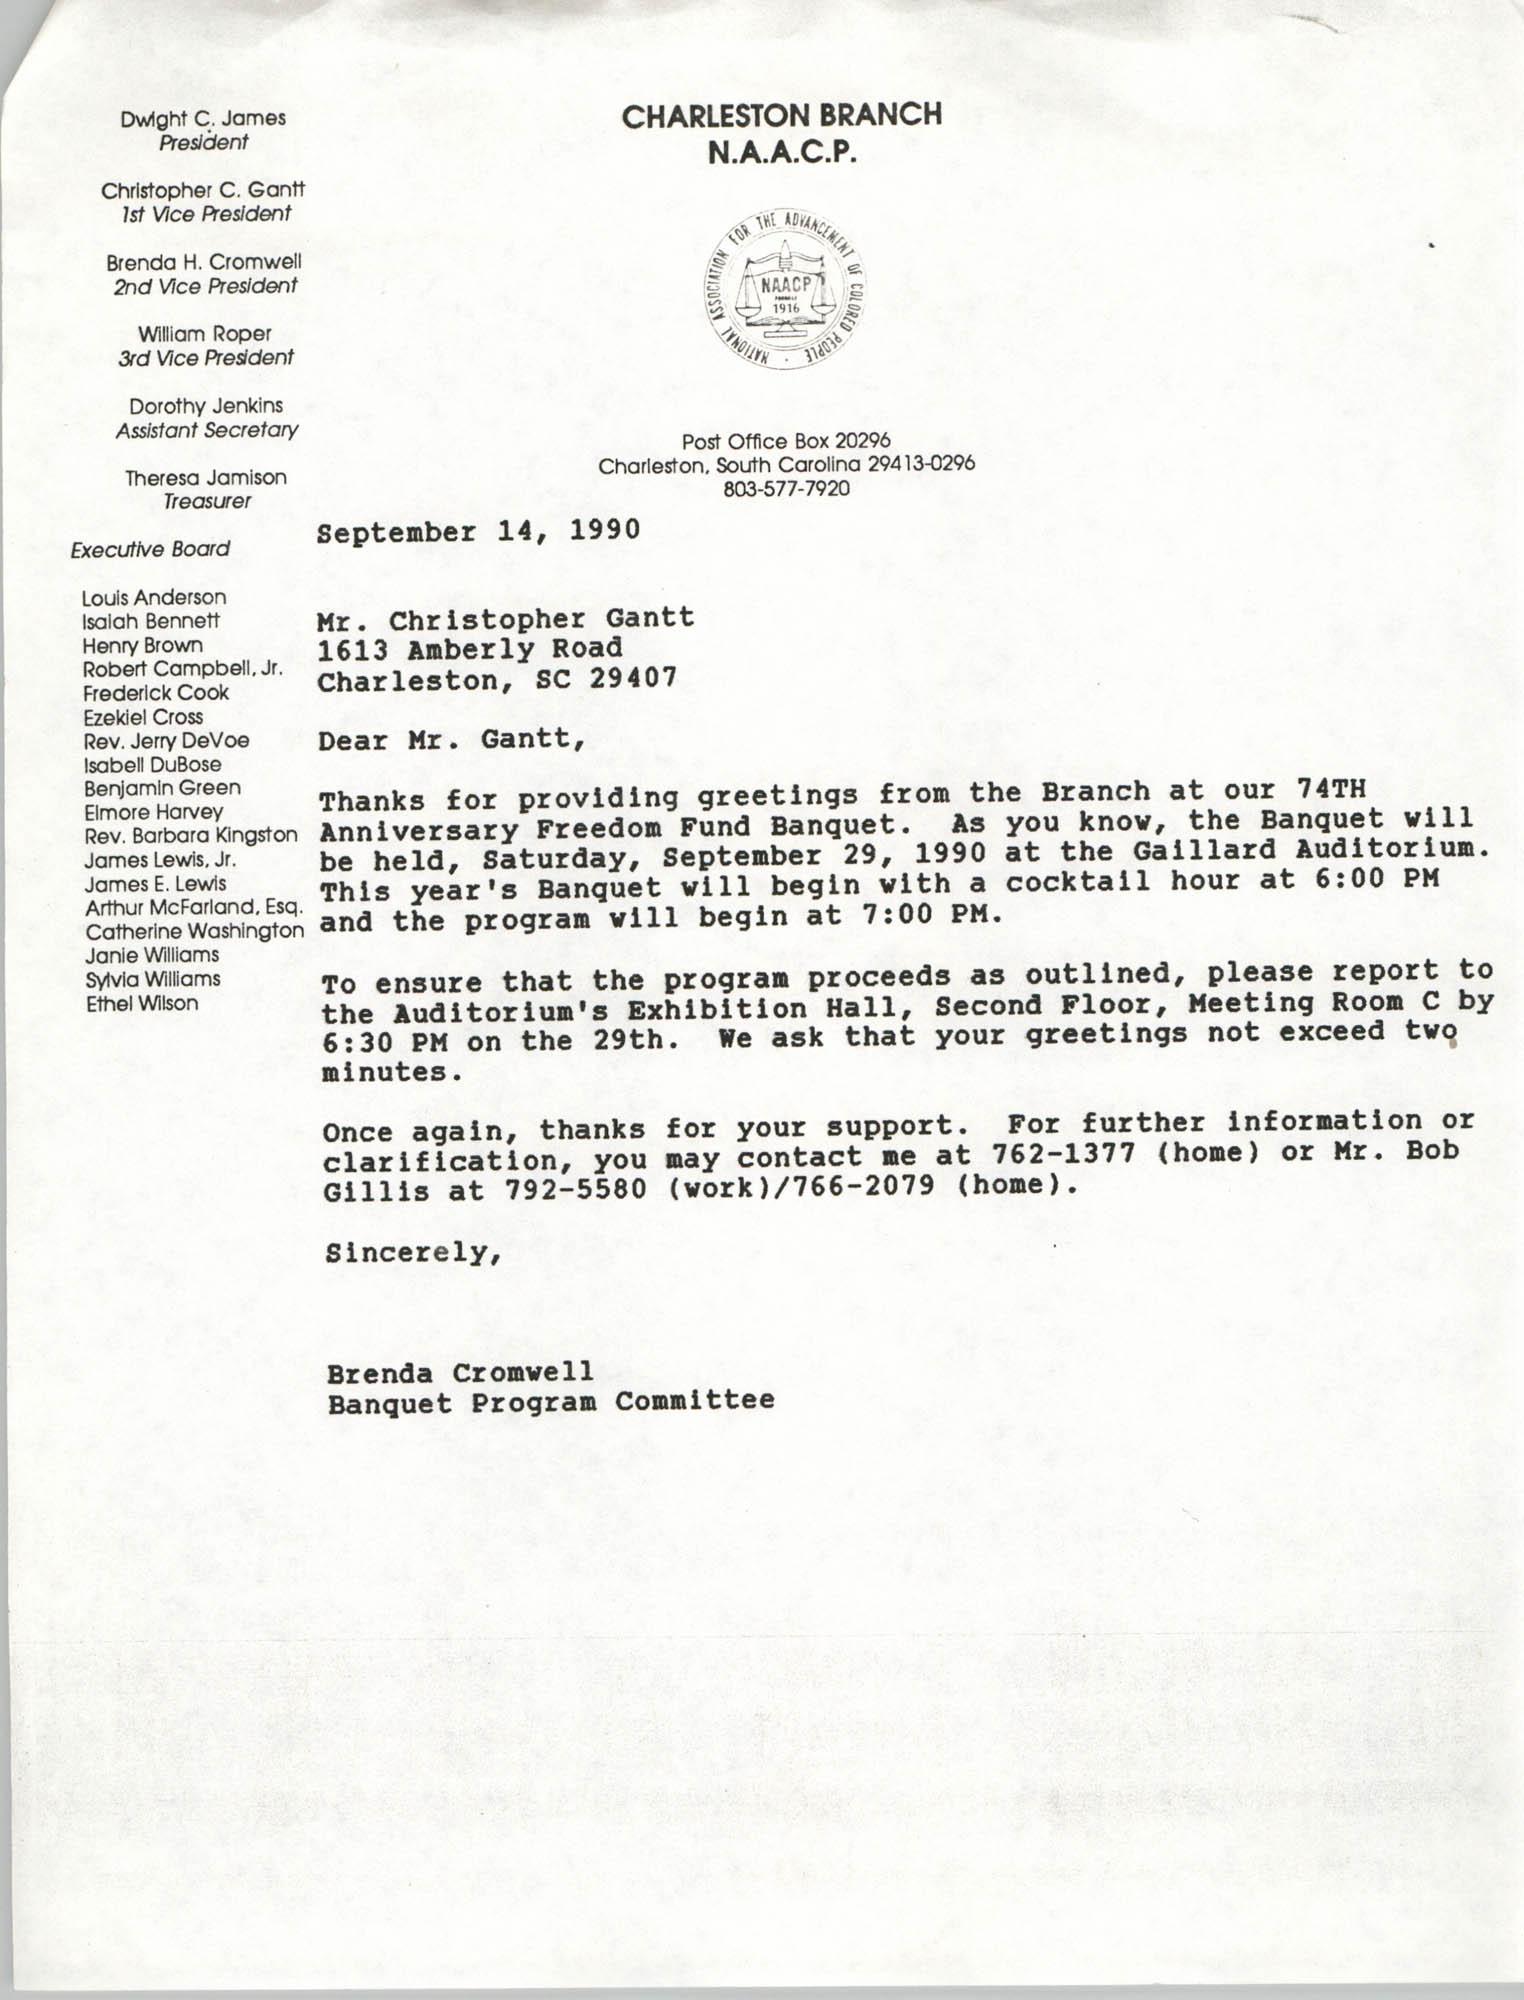 Letter from Brenda Cromwell to Christopher Gantt, September 14, 1990